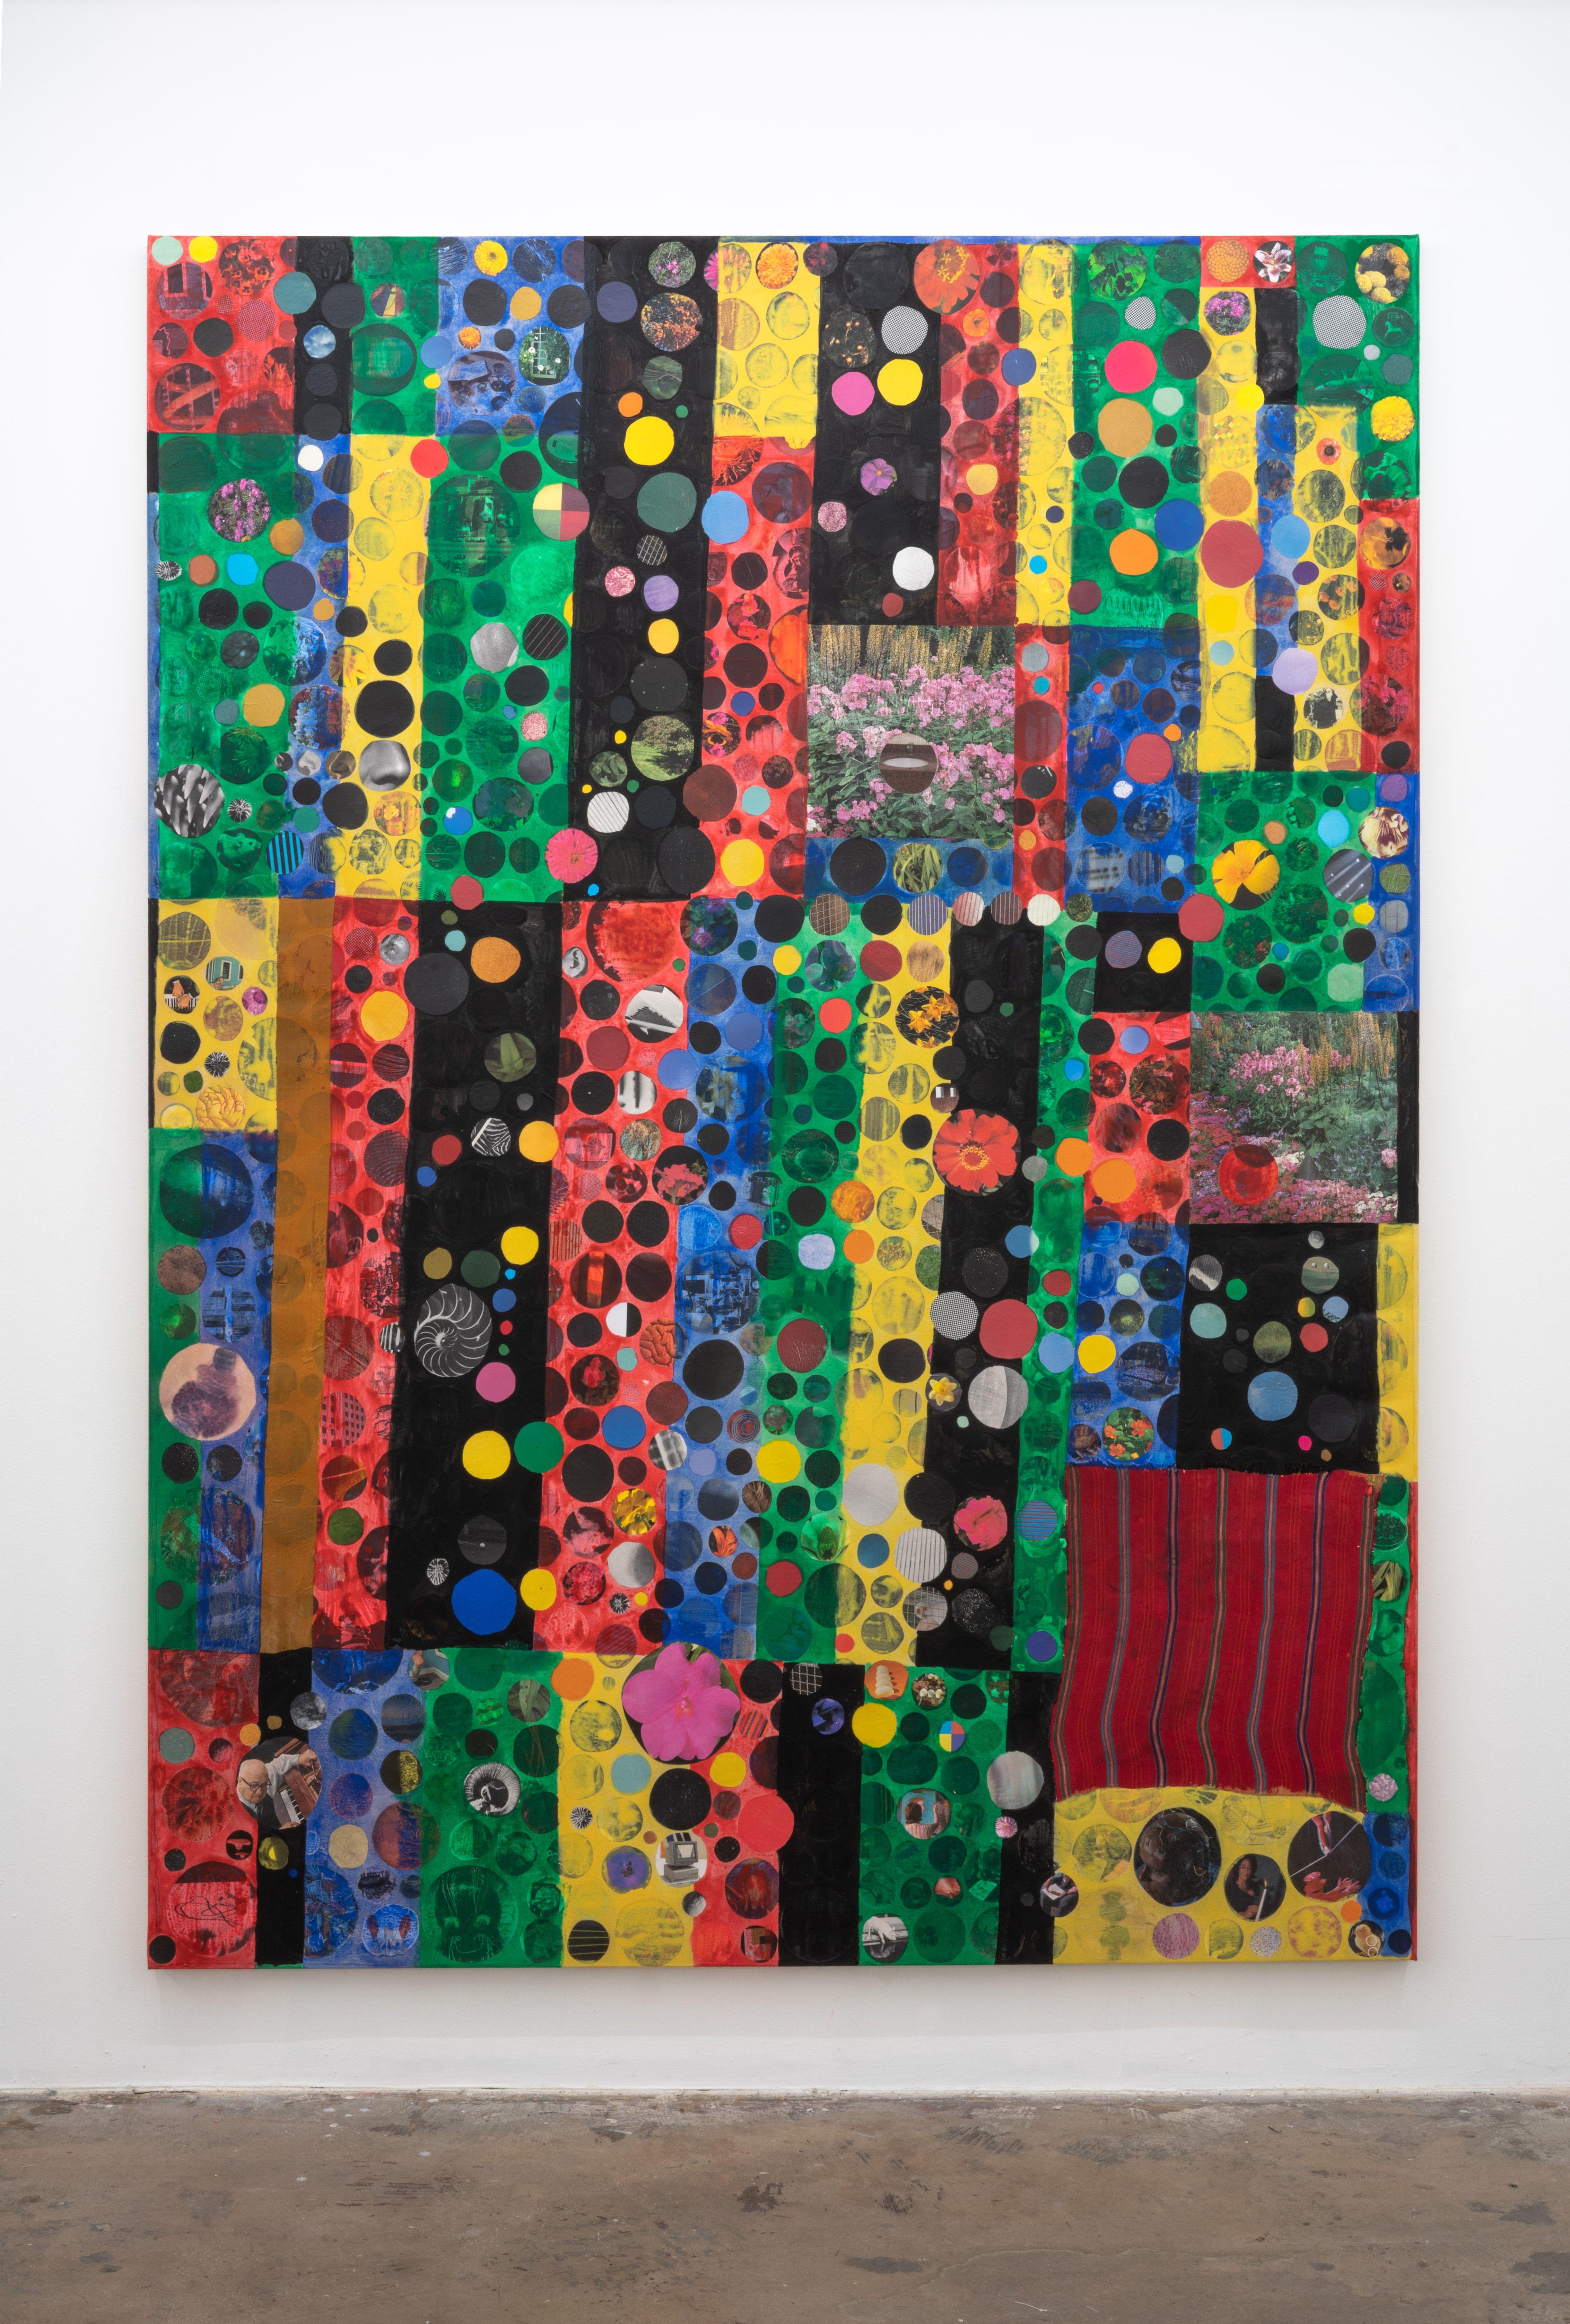 Jonathan Rajewski, Ordinary Spheres. Courtesy of the Nina Johnson Gallery.